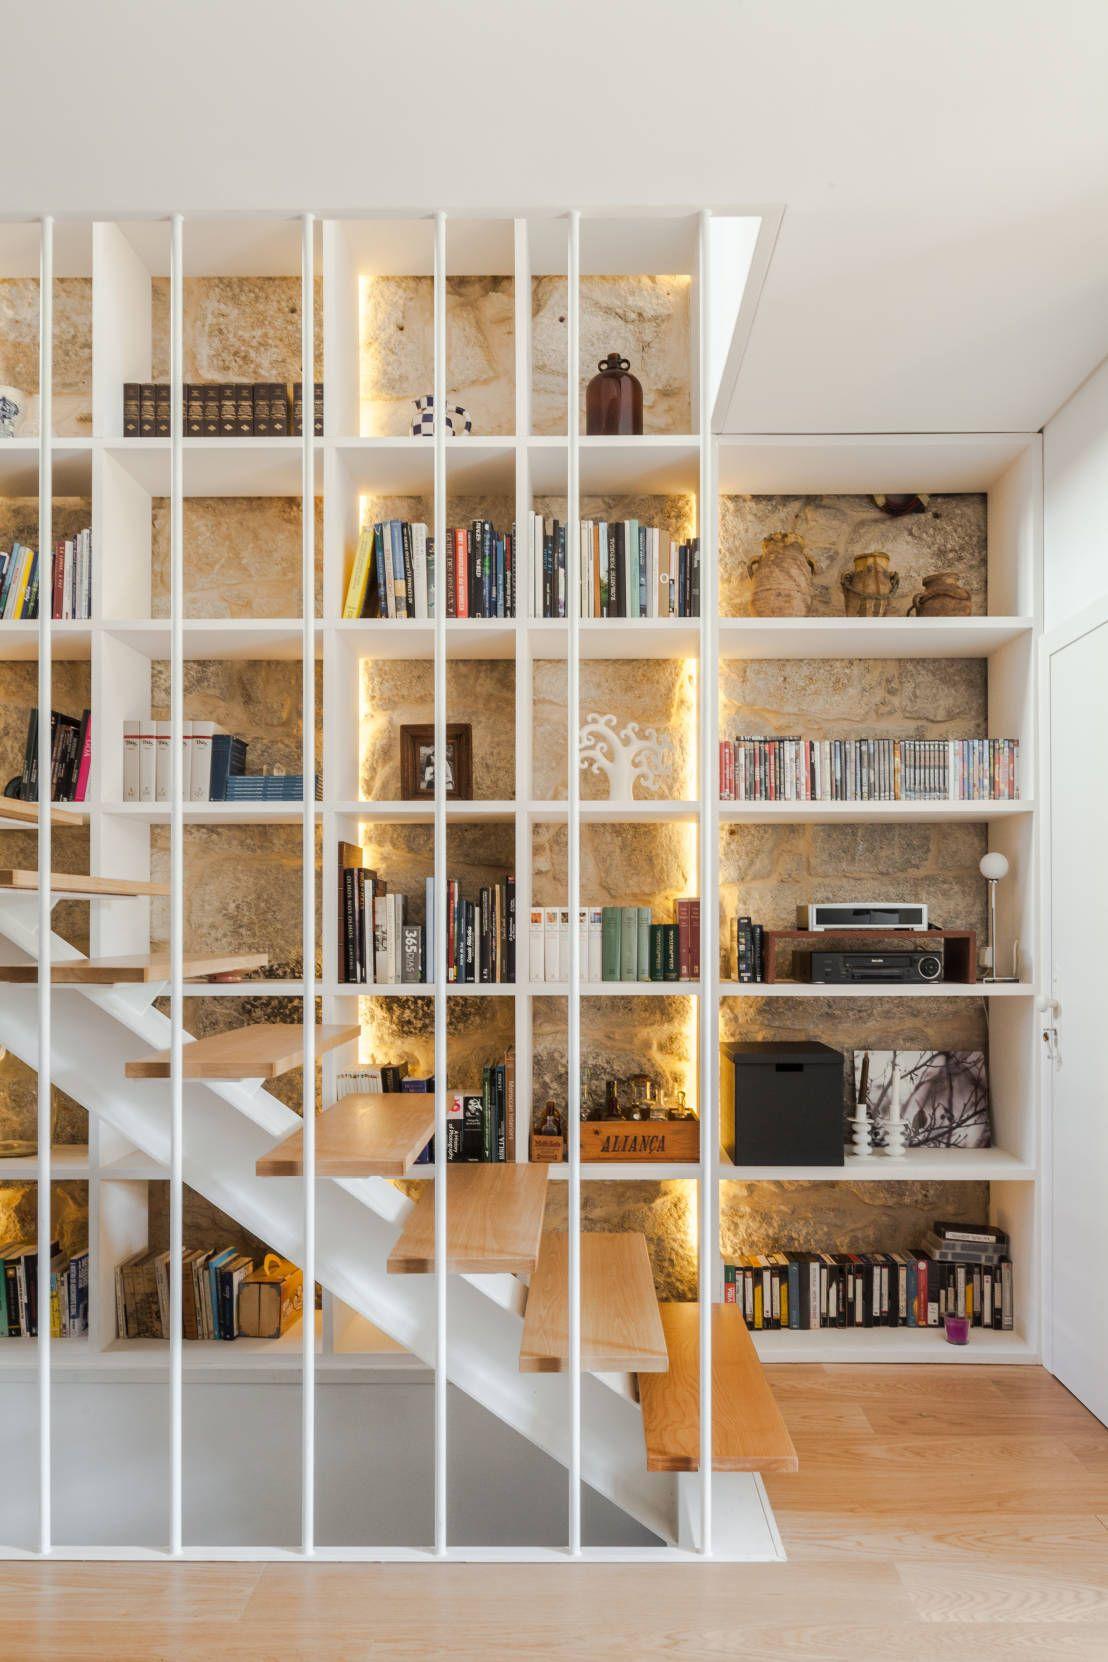 gro artige ideen f r eine indirekte beleuchtung. Black Bedroom Furniture Sets. Home Design Ideas